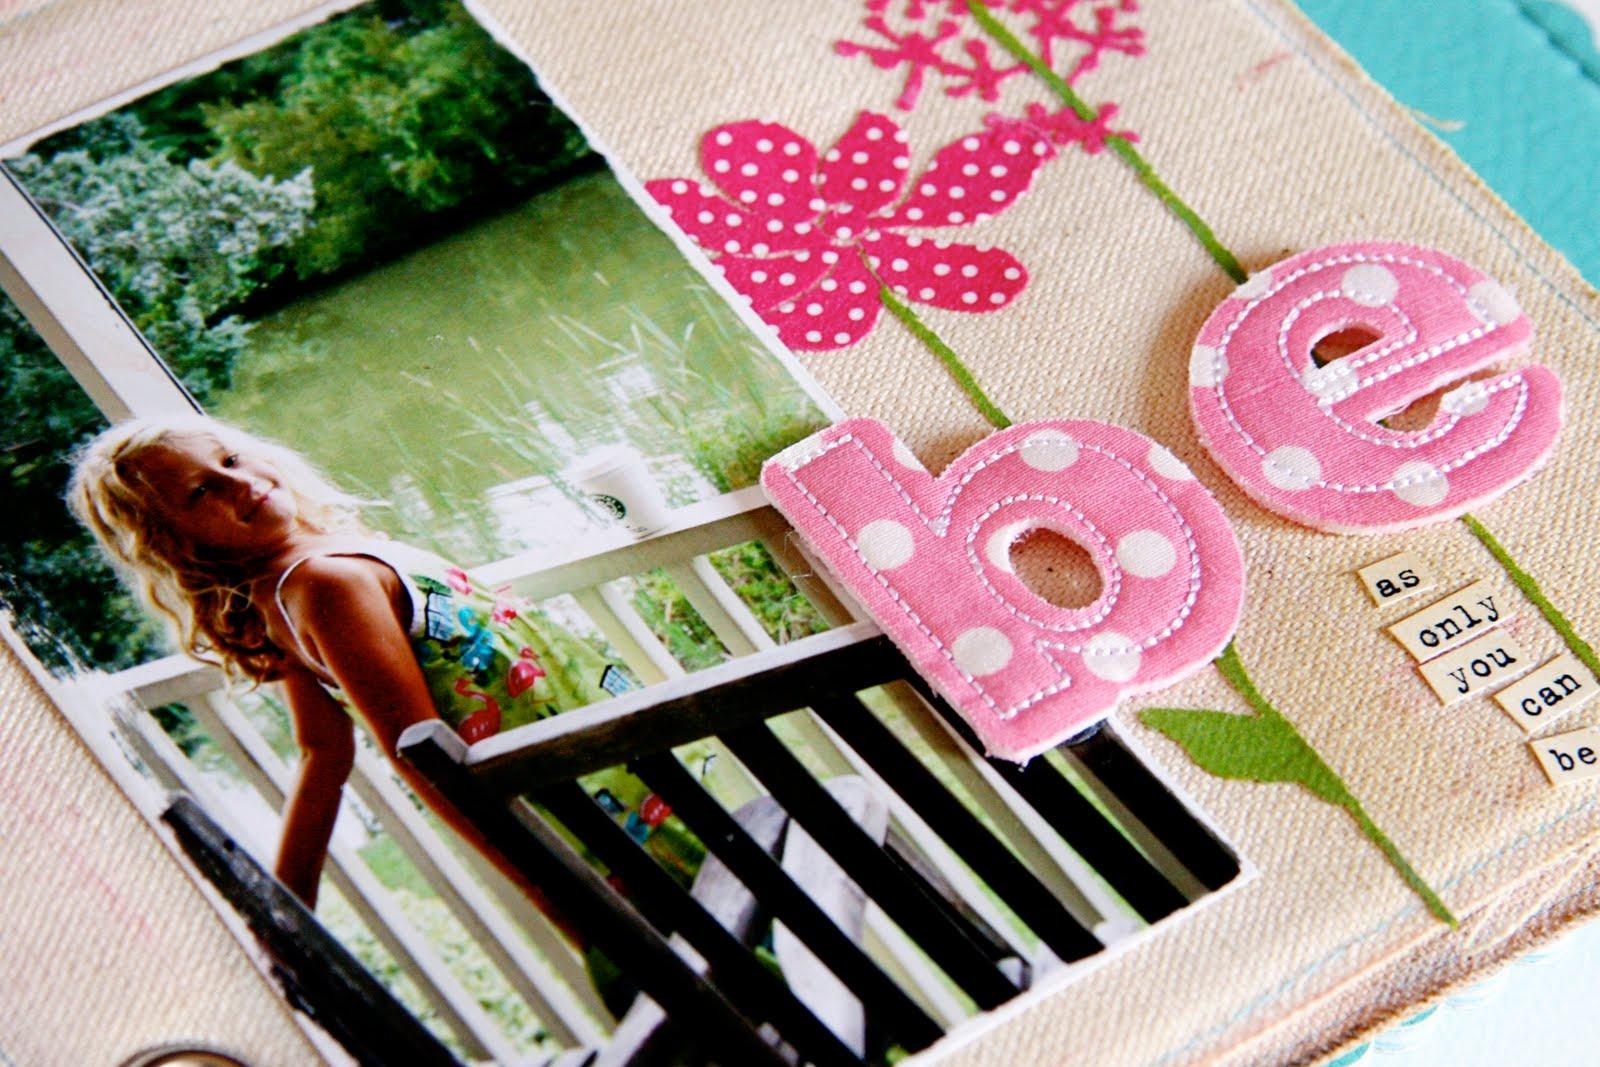 http://1.bp.blogspot.com/_-v44zUUtn3o/TAxrVz7DKuI/AAAAAAAAAak/uIDGV7Y5pFU/s1600/cha+pg2.jpg